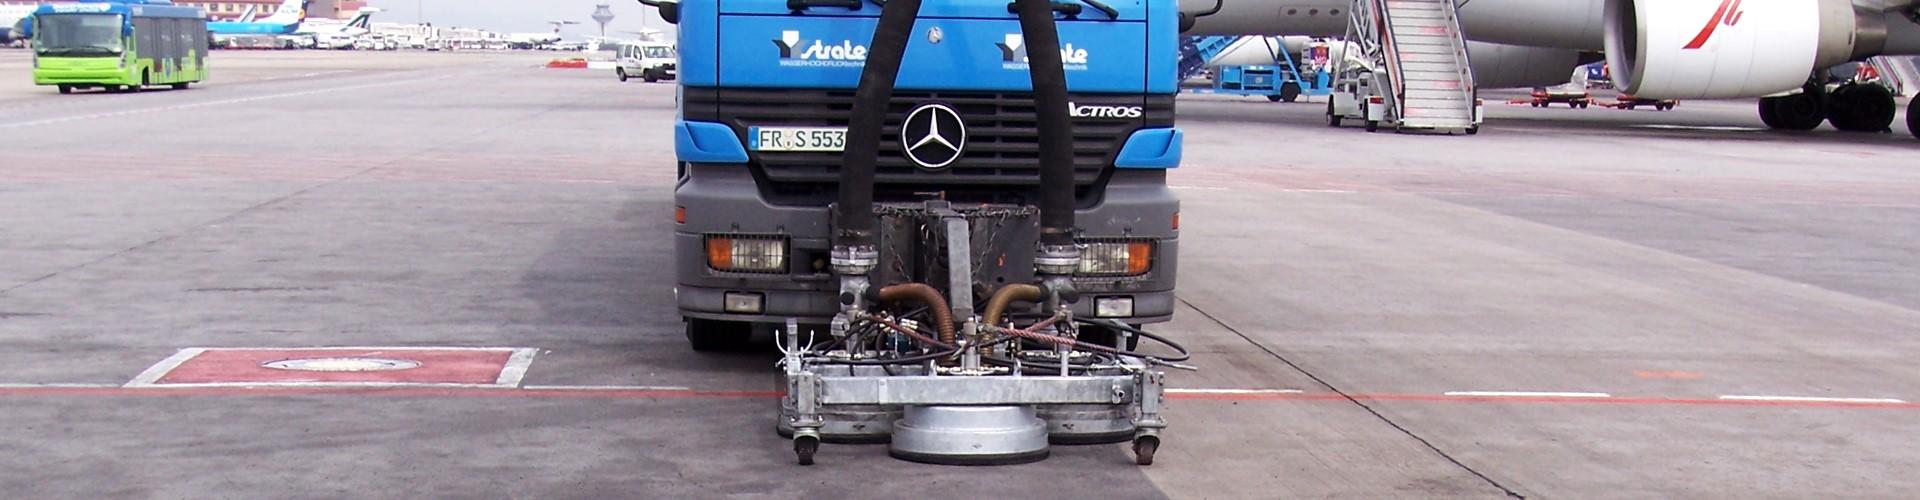 Vorfeldreinigung-Madrid-Frontansicht_BGS-Strate-Wasserhochdrucktechnik